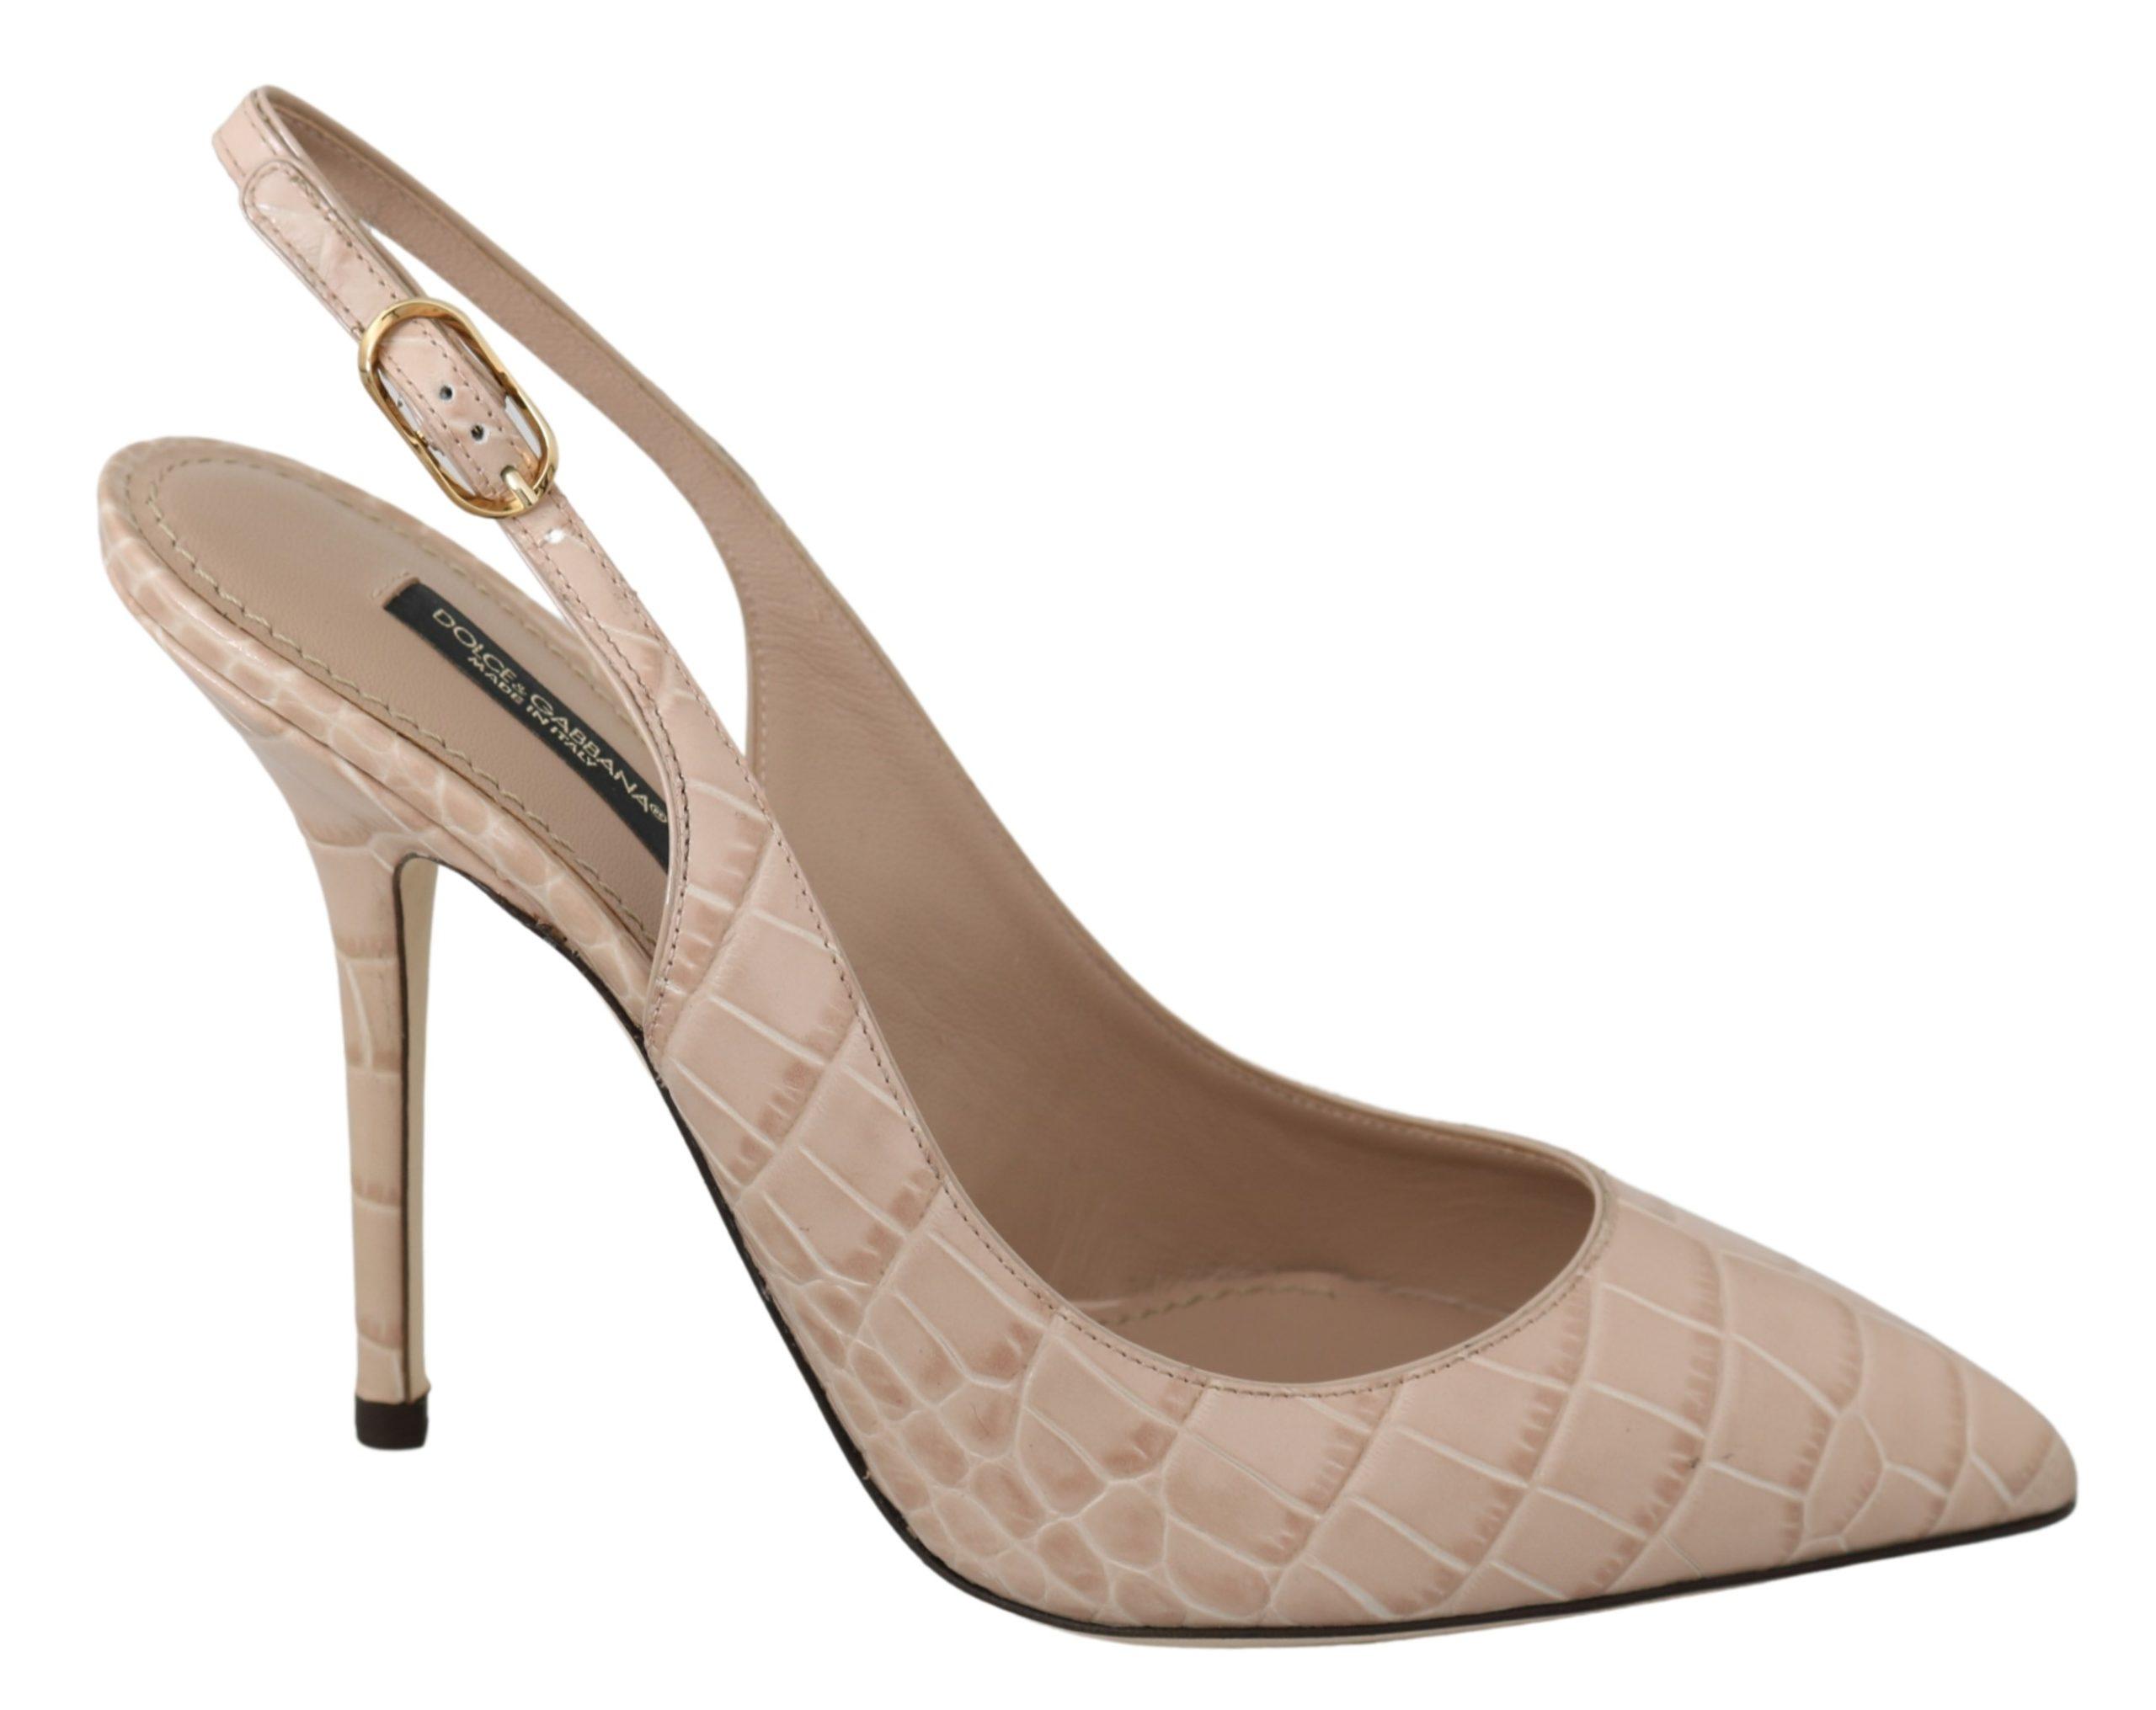 Dolce & Gabbana Women's Slingback Leather High Heels Beige LA6900 - EU39/US8.5